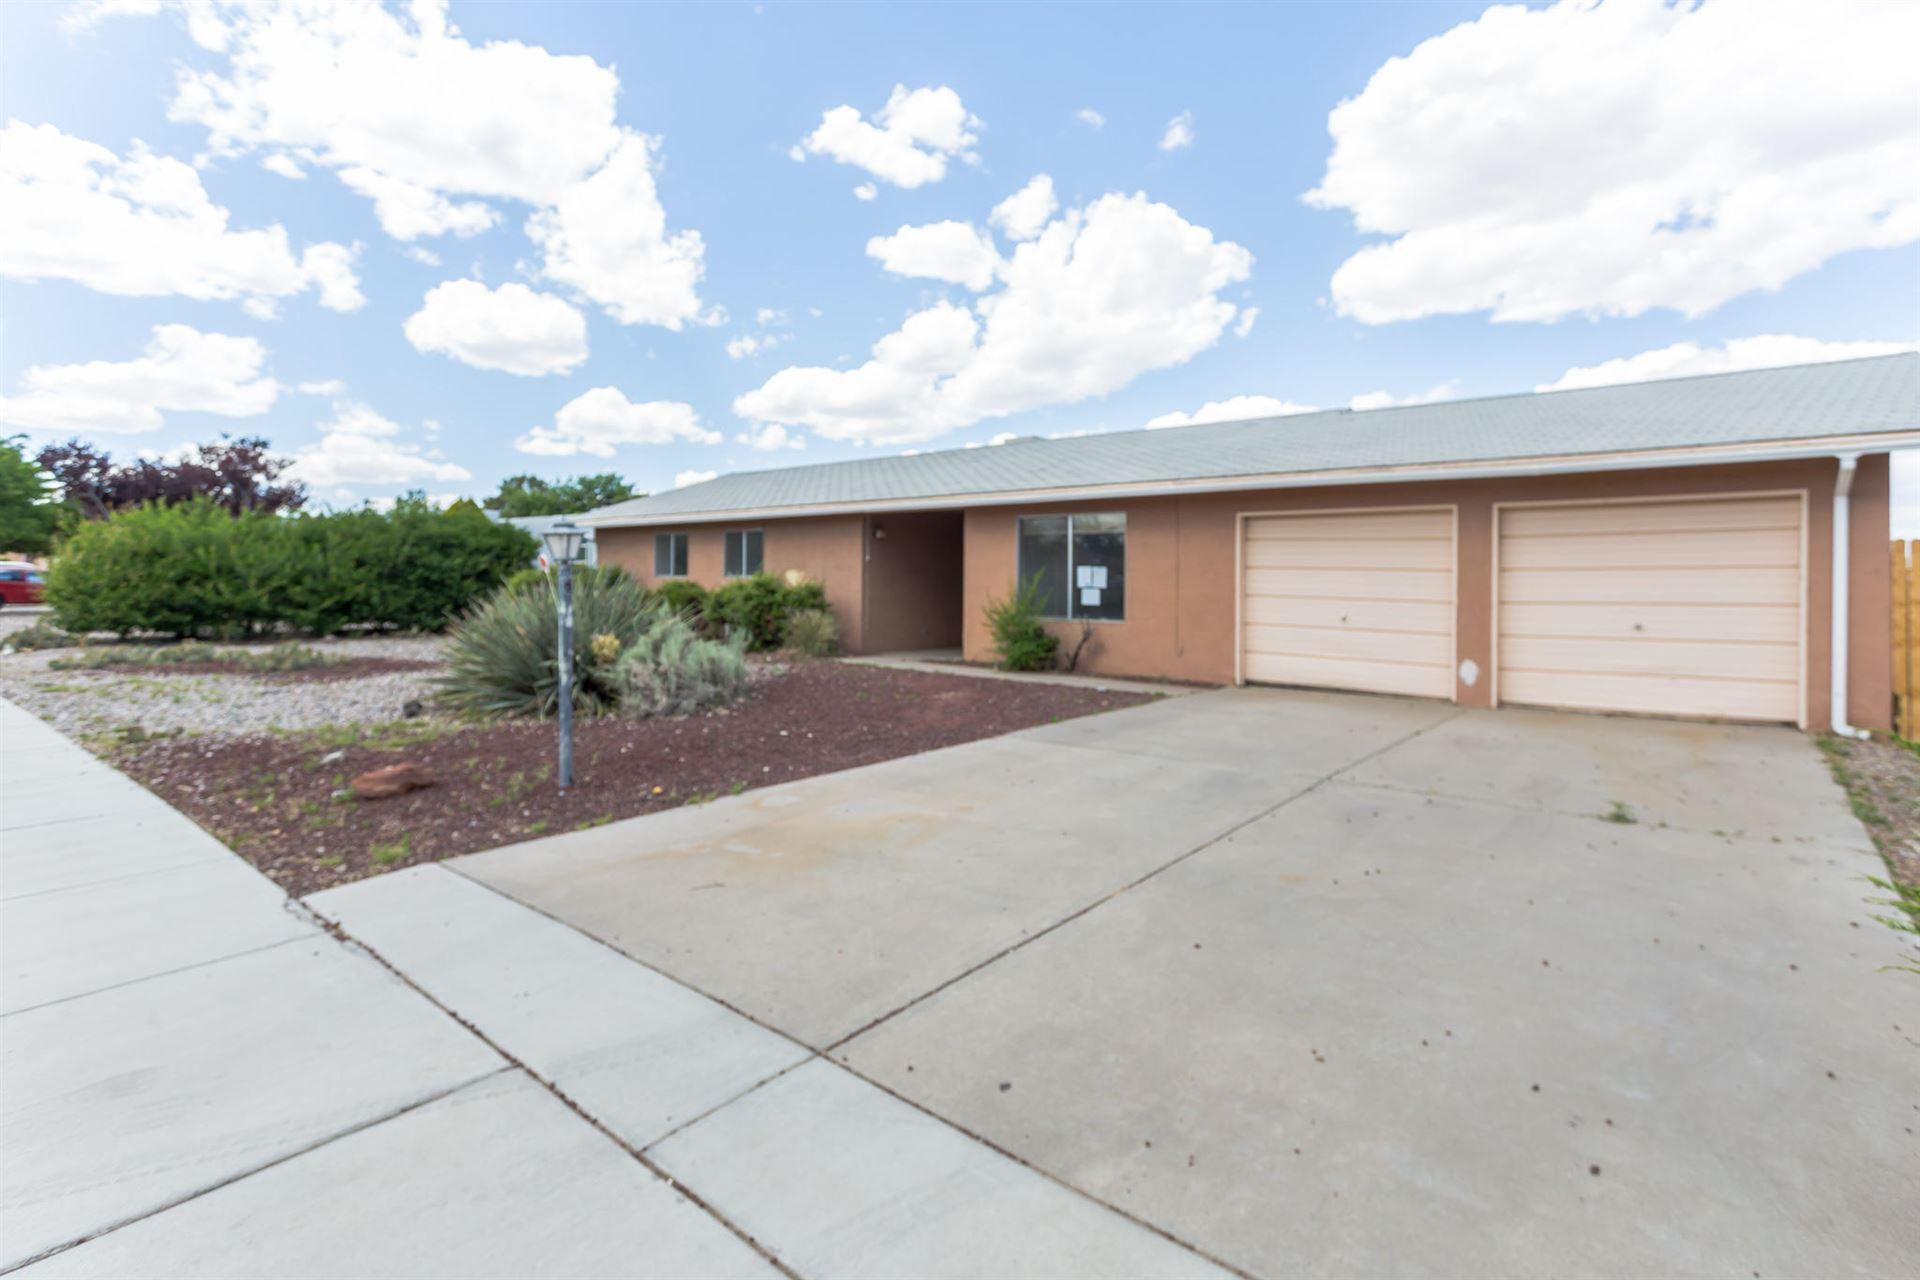 Photo of 4715 LEON GRANDE Avenue SE, Rio Rancho, NM 87124 (MLS # 968624)